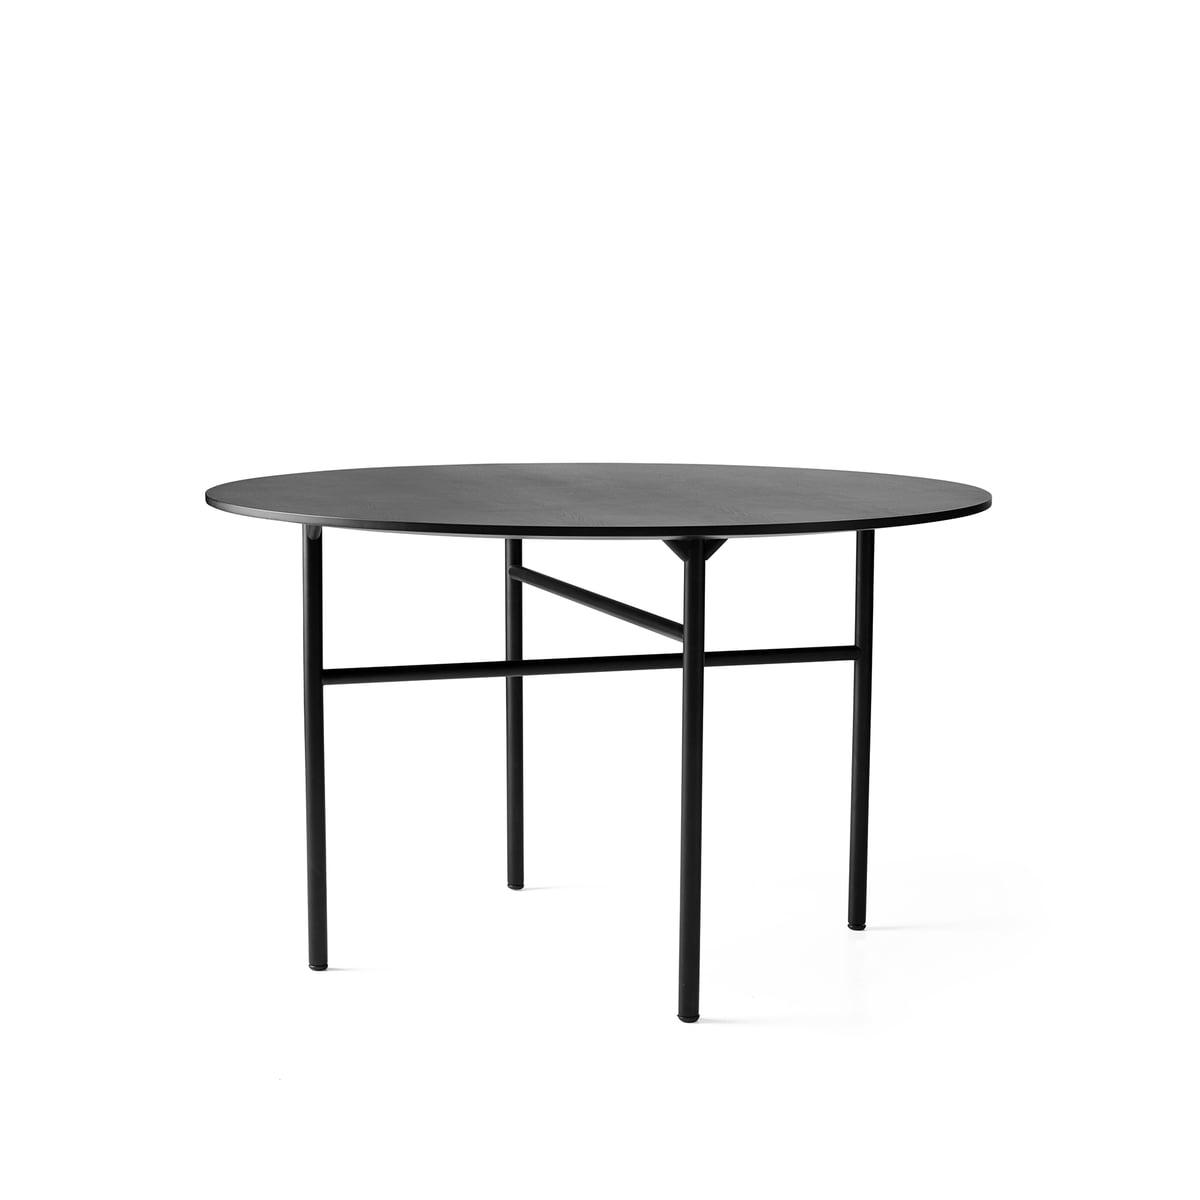 Full Size of Esstisch Rund Snaregade Tisch Von Menu Connox Rustikal Holz Esstische Ausziehbar Massiv Moderne Glas Rundes Bett Runder Oval Set Günstig Lampe Weiß Esstische Esstisch Rund